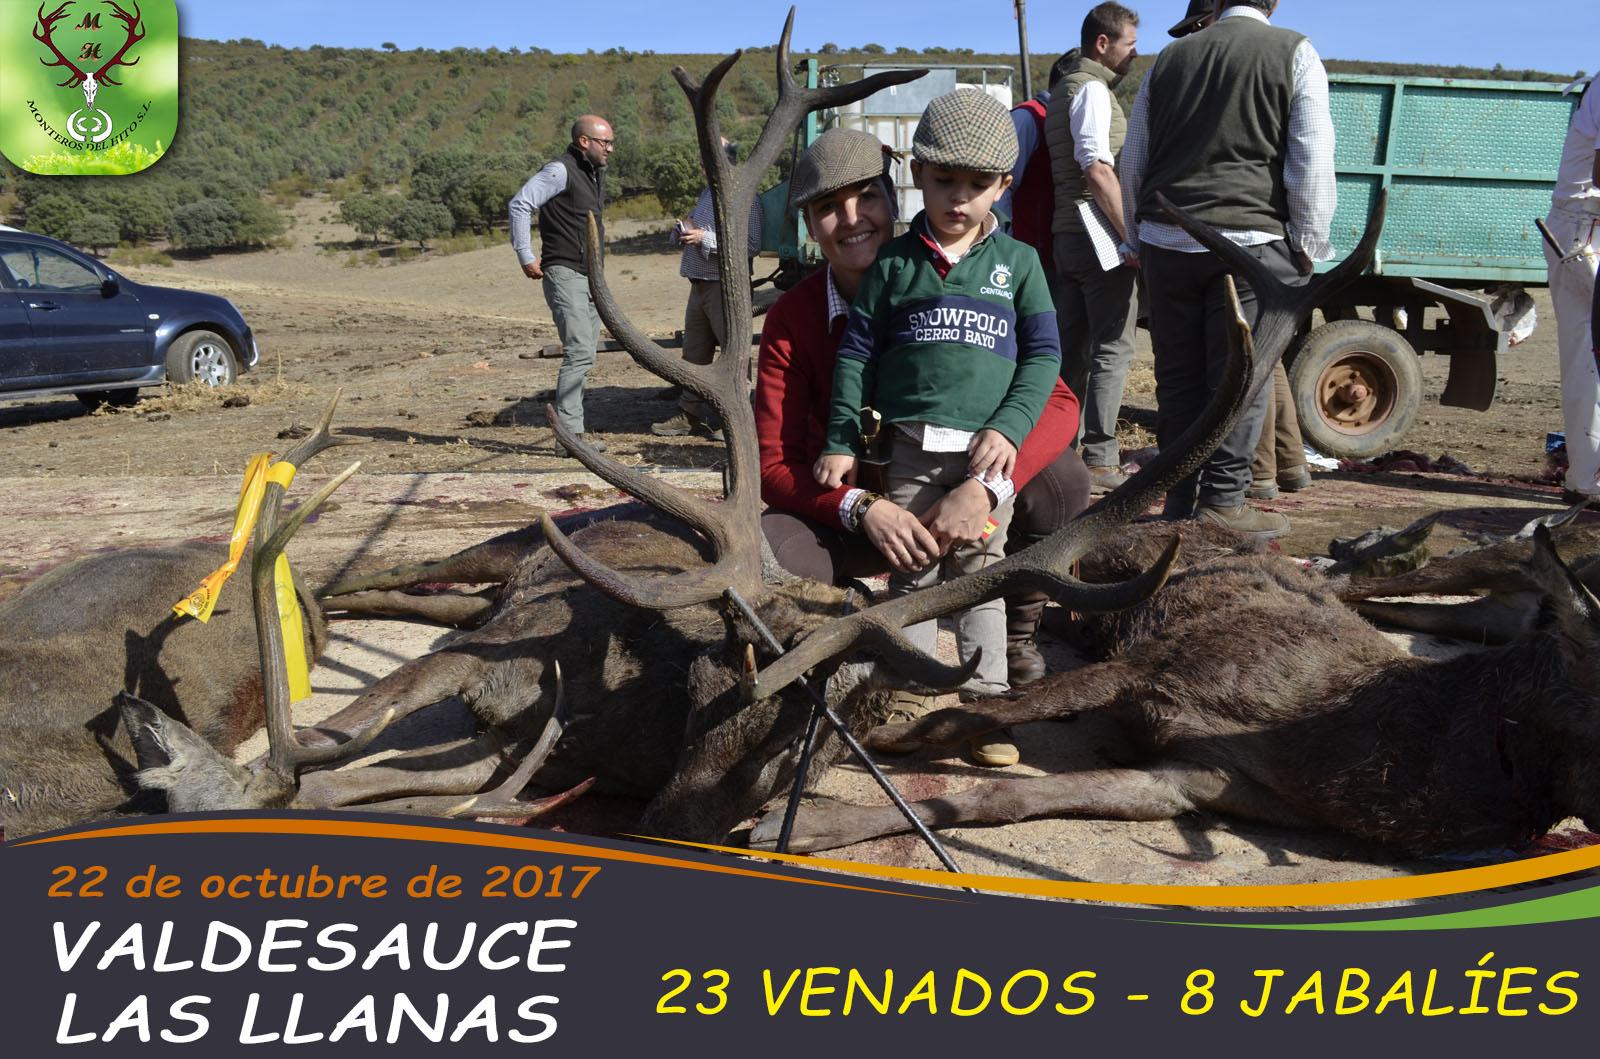 Galería Valdesauce – Las Llanas 2017